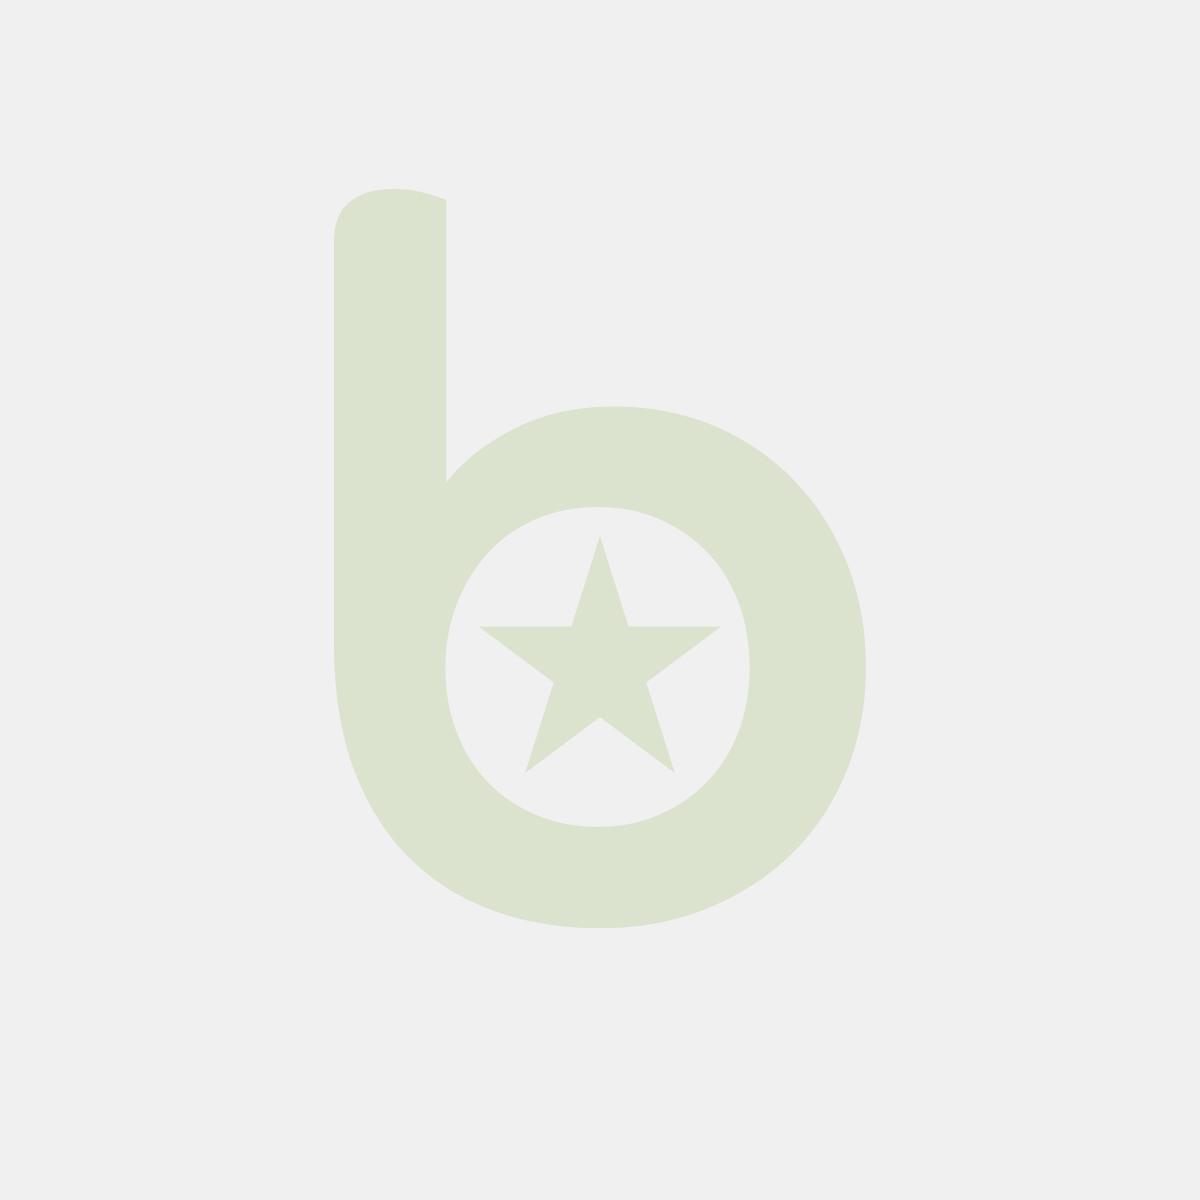 Płyta Grillowa Na Podstawie Z Trzech Stron Zamknietej - Gazowa, 1/2 Gładka + 1/2 Ryflowana , Linia 700